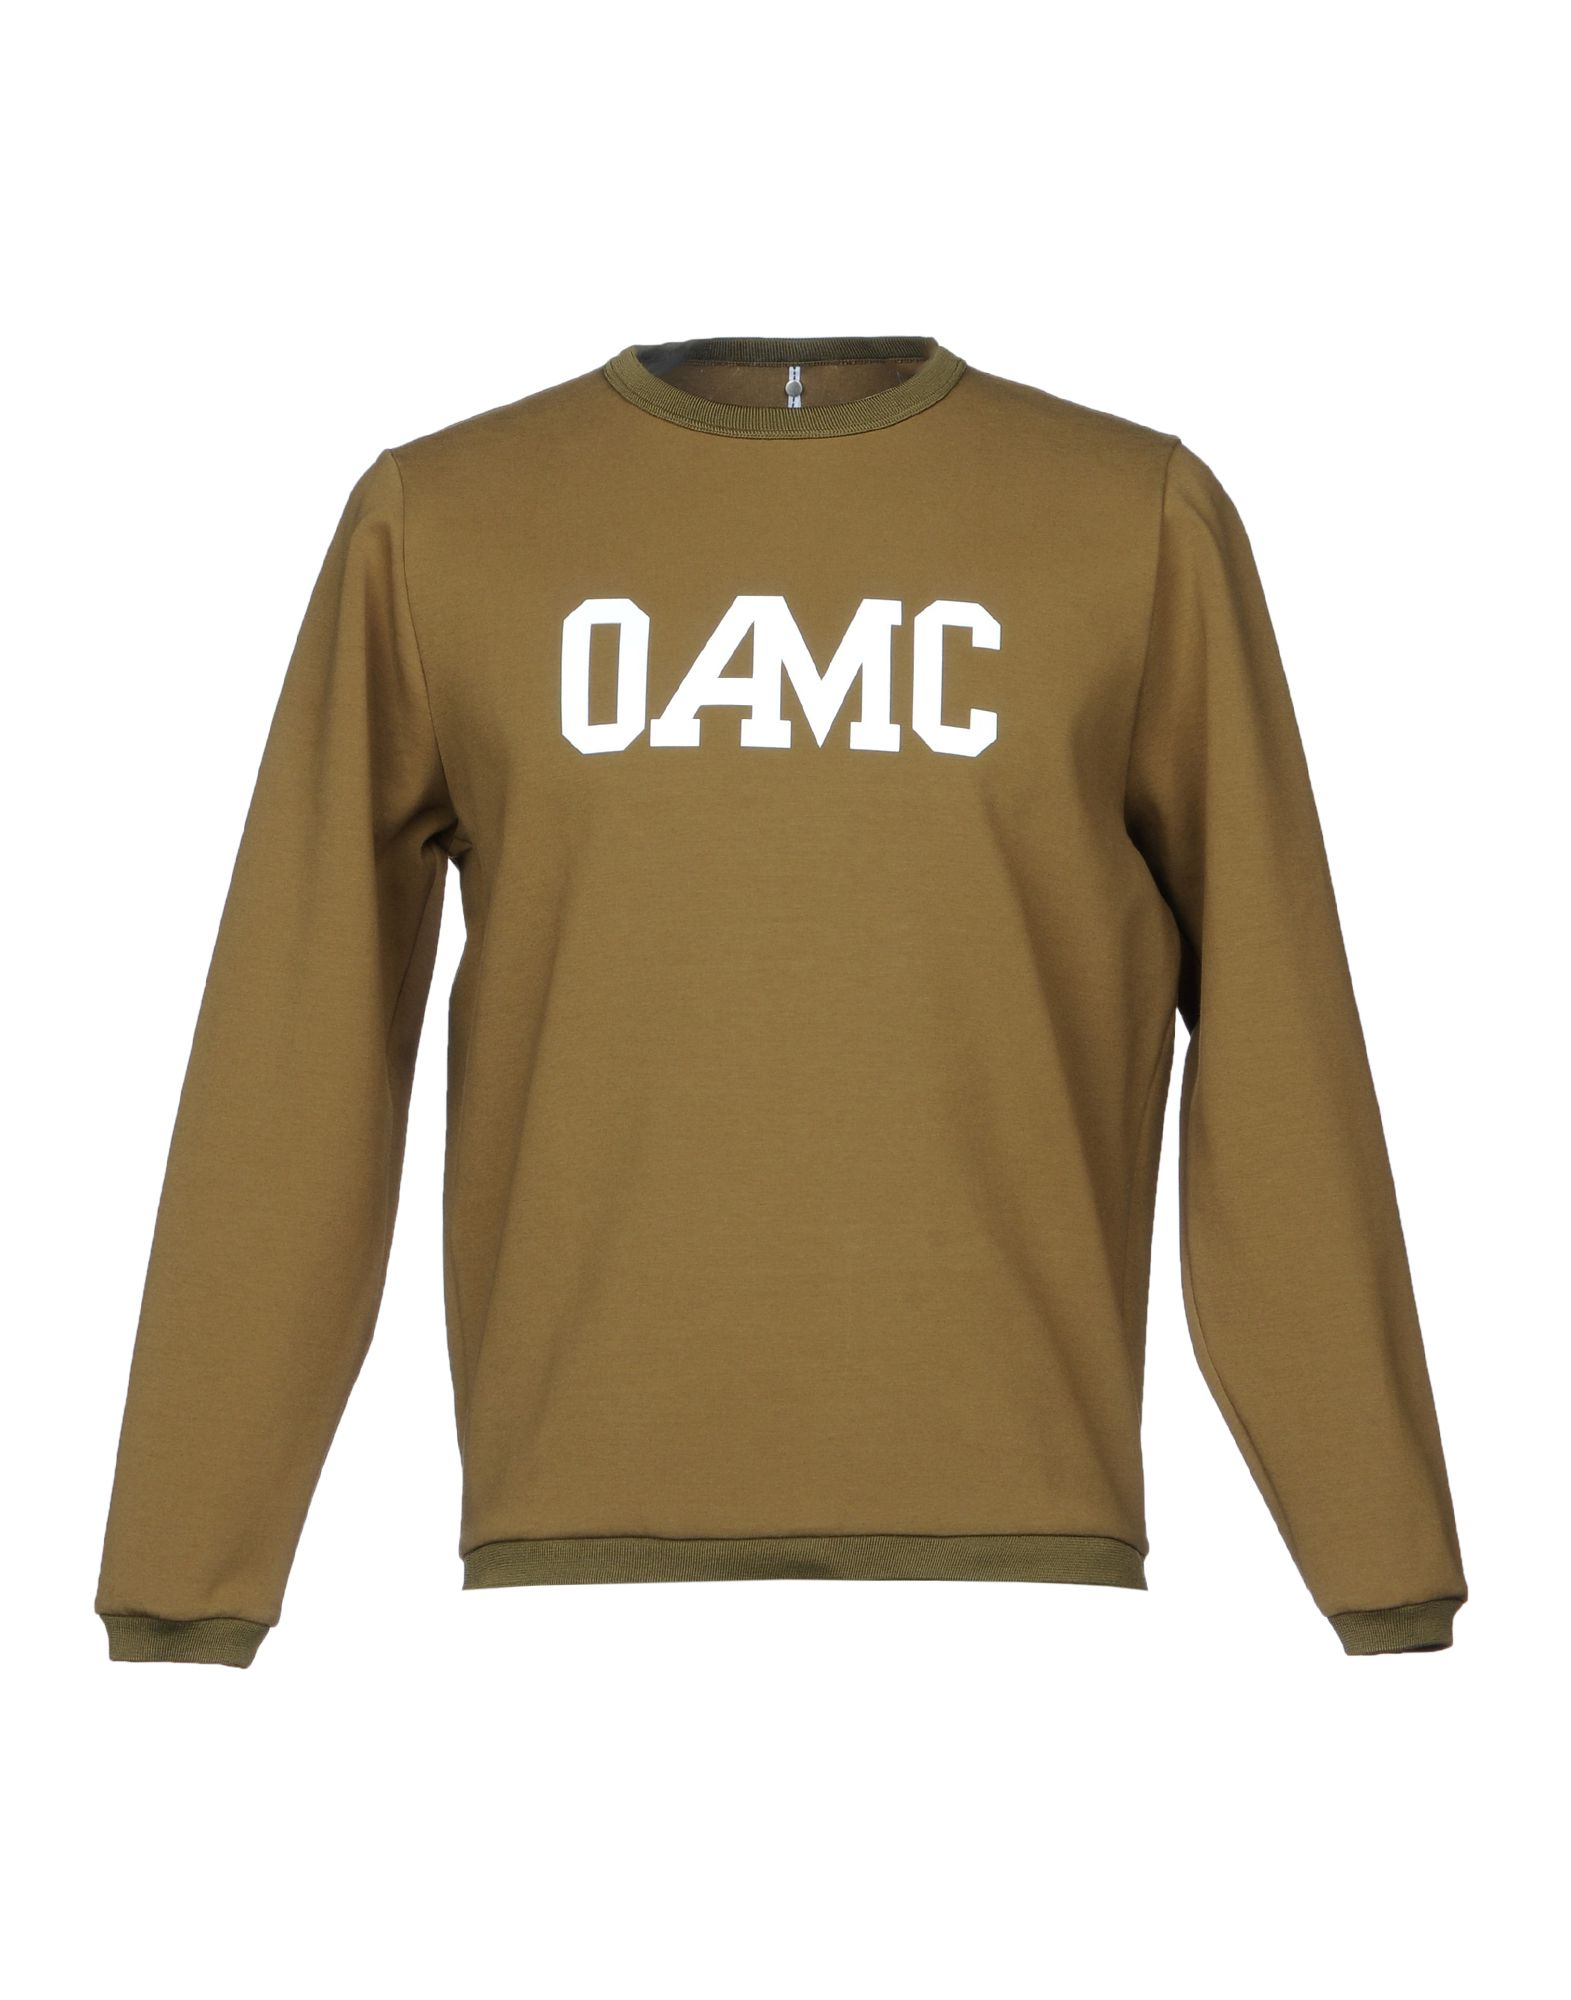 OAMC Herren Sweatshirt Farbe Militärgrün Größe 8 jetztbilligerkaufen